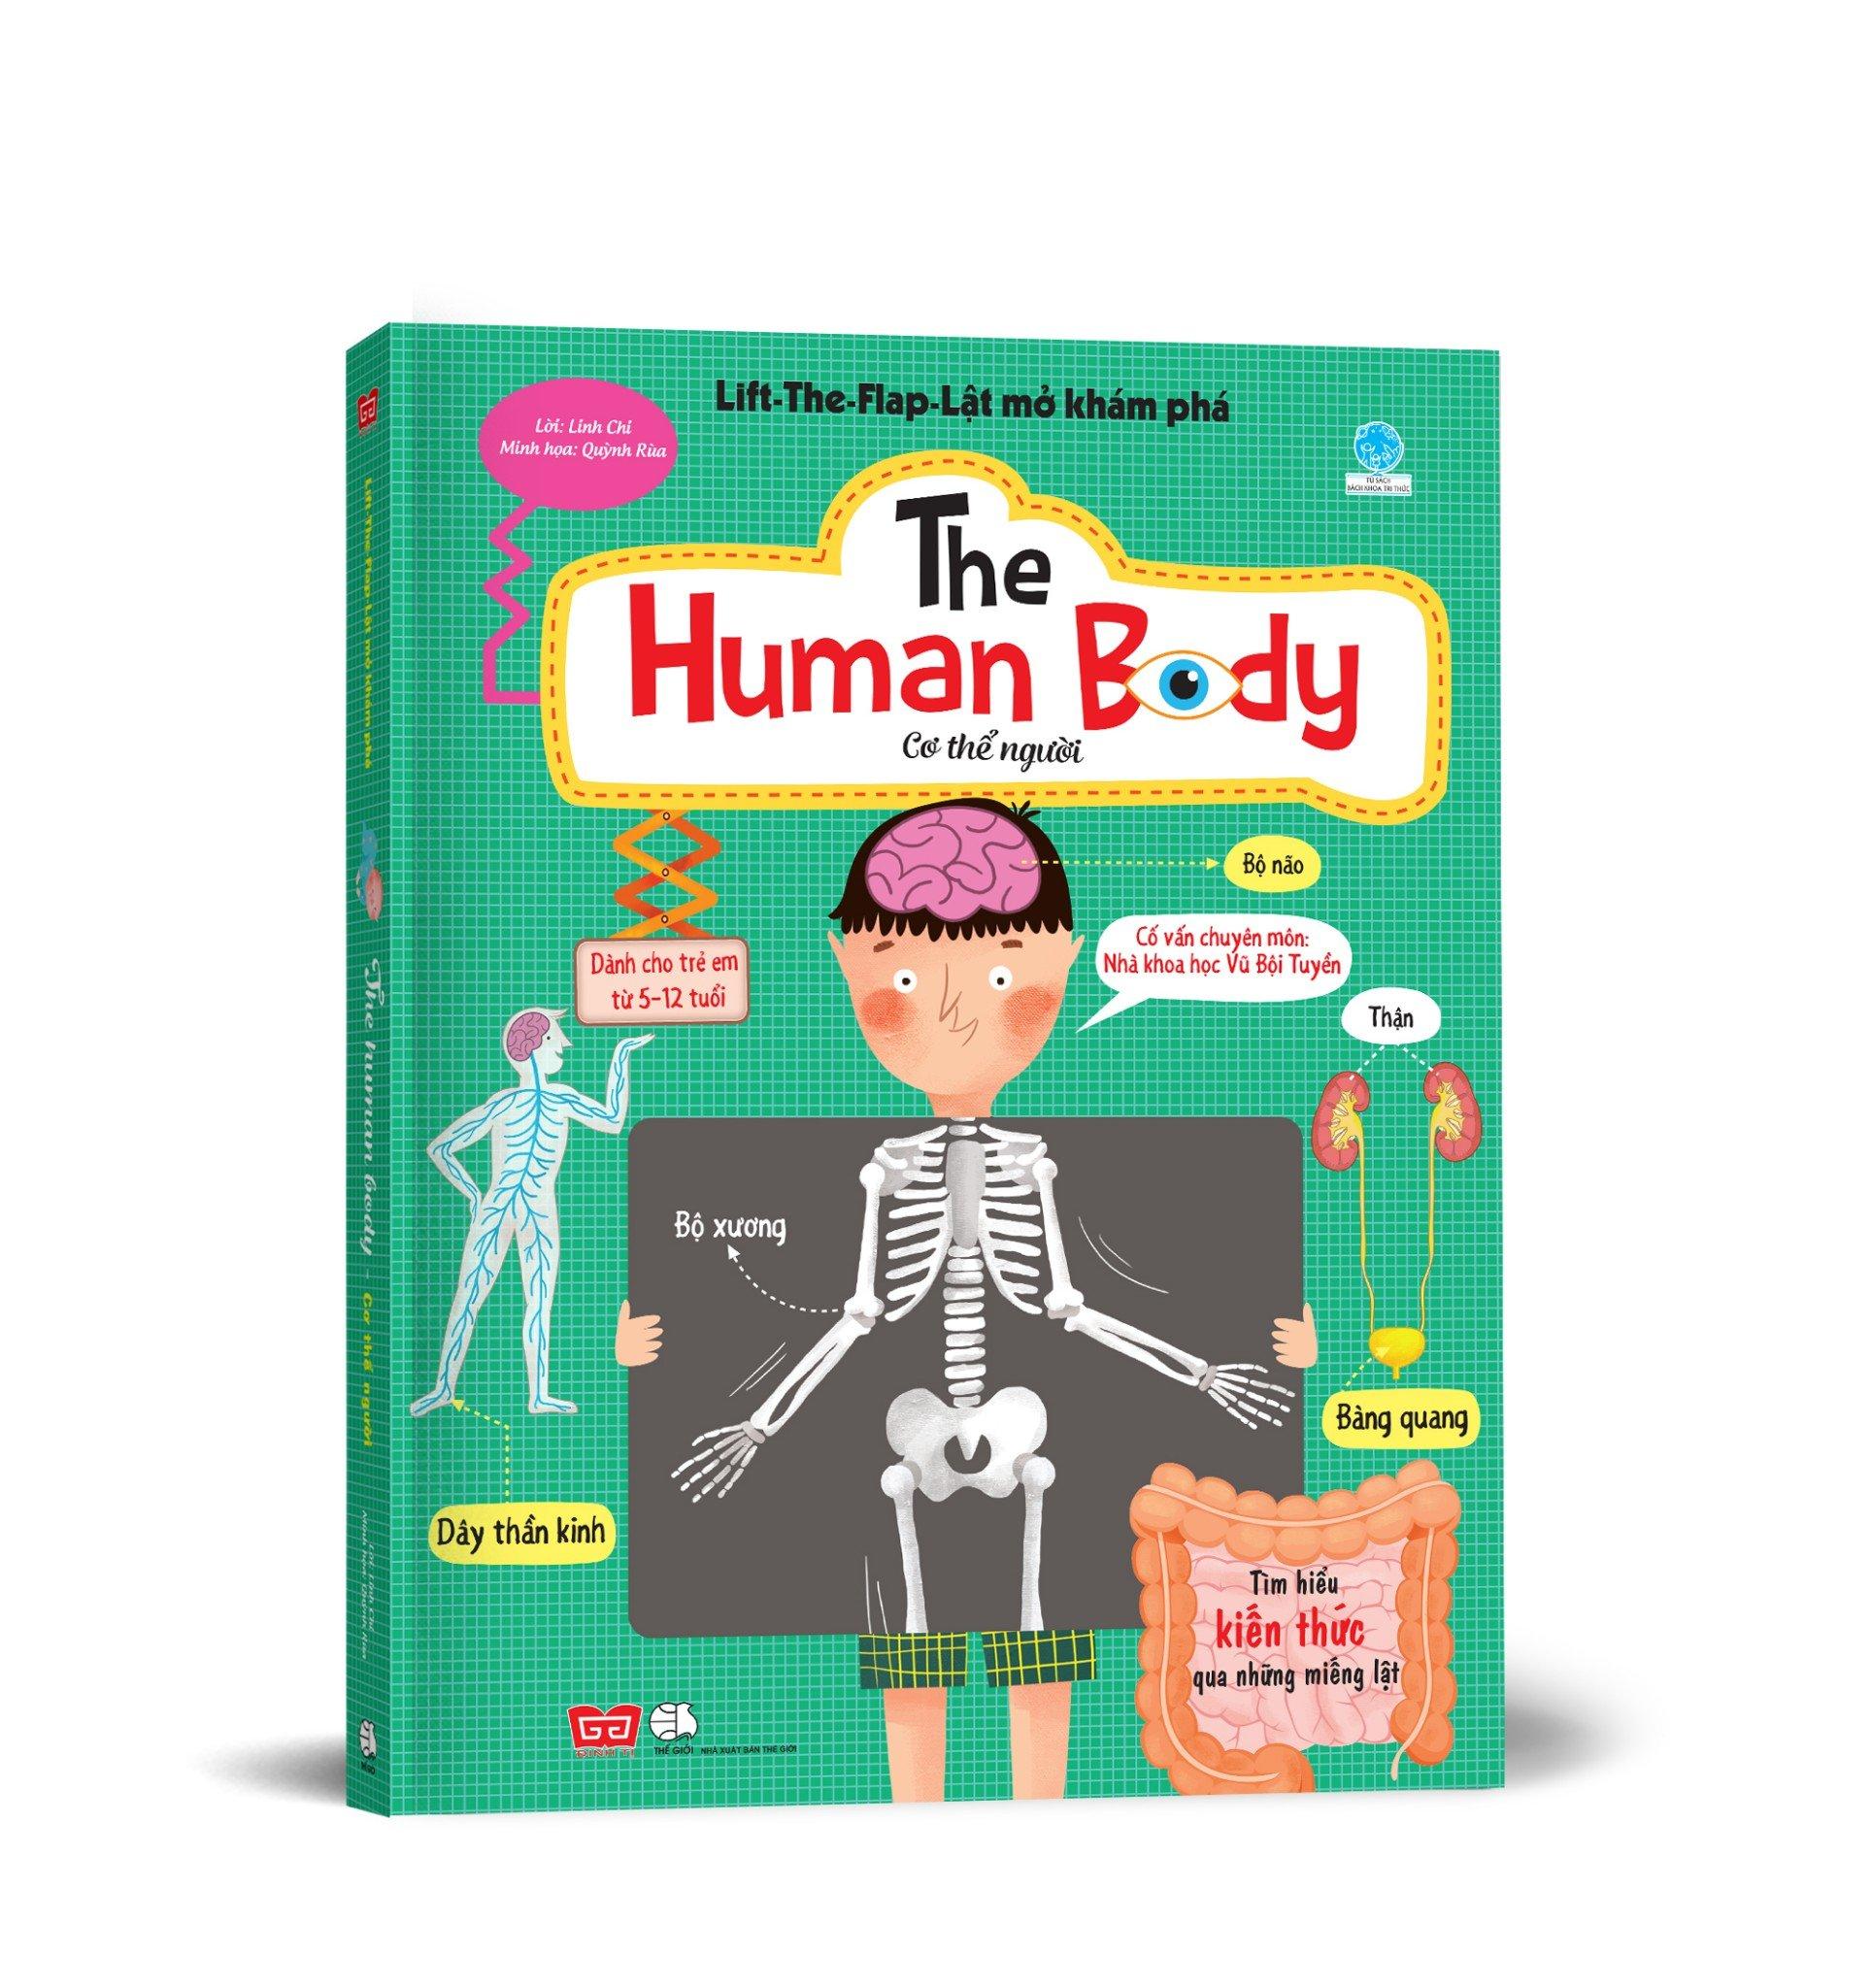 Lift-the-flap-Lật mở khám phá - Cơ thể người (Dành cho trẻ em từ 5-12 tuổi)